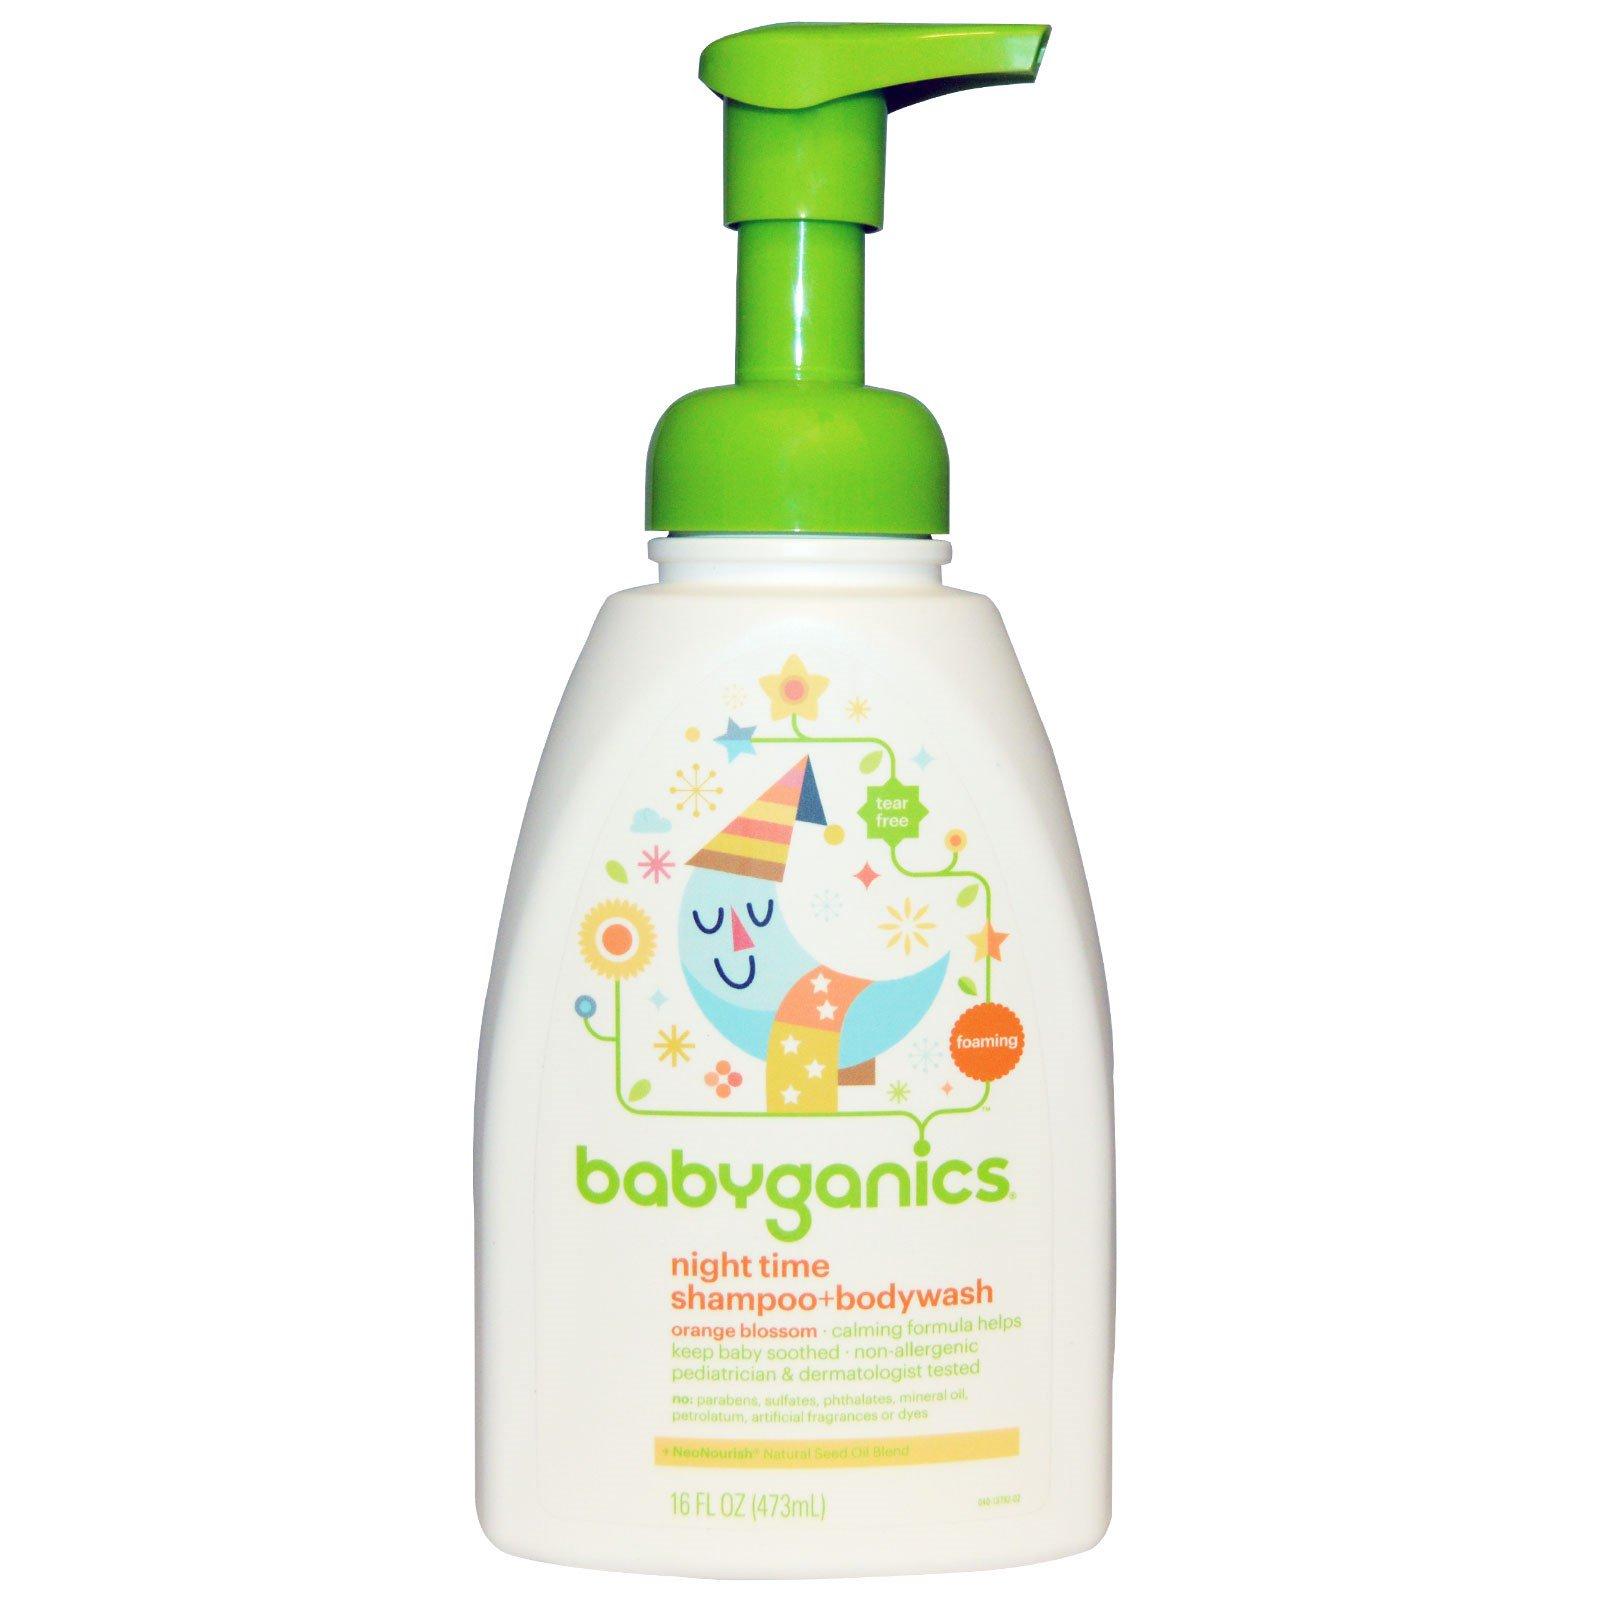 BabyGanics, Вечерний шампунь + средство мытья тела, цветок апельсина, 16 жидких унций (473 мл)